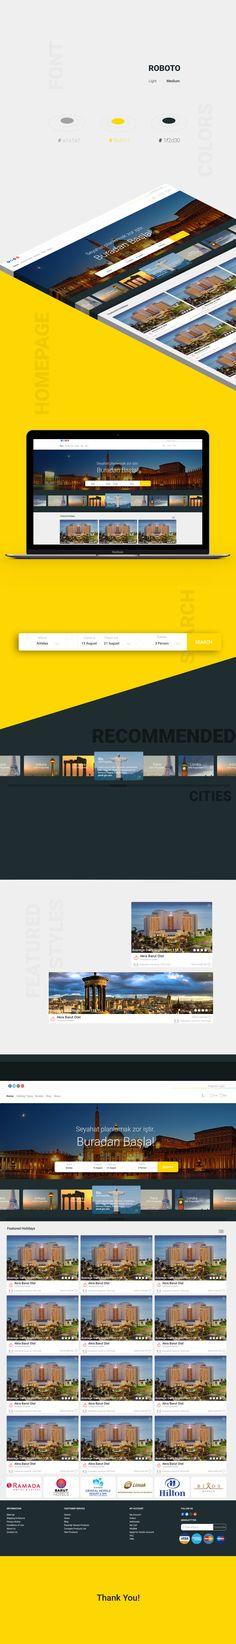 @Behance projeme göz atın: \u201cBooking website project\u201d https://www.behance.net/gallery/47414195/Booking-website-project